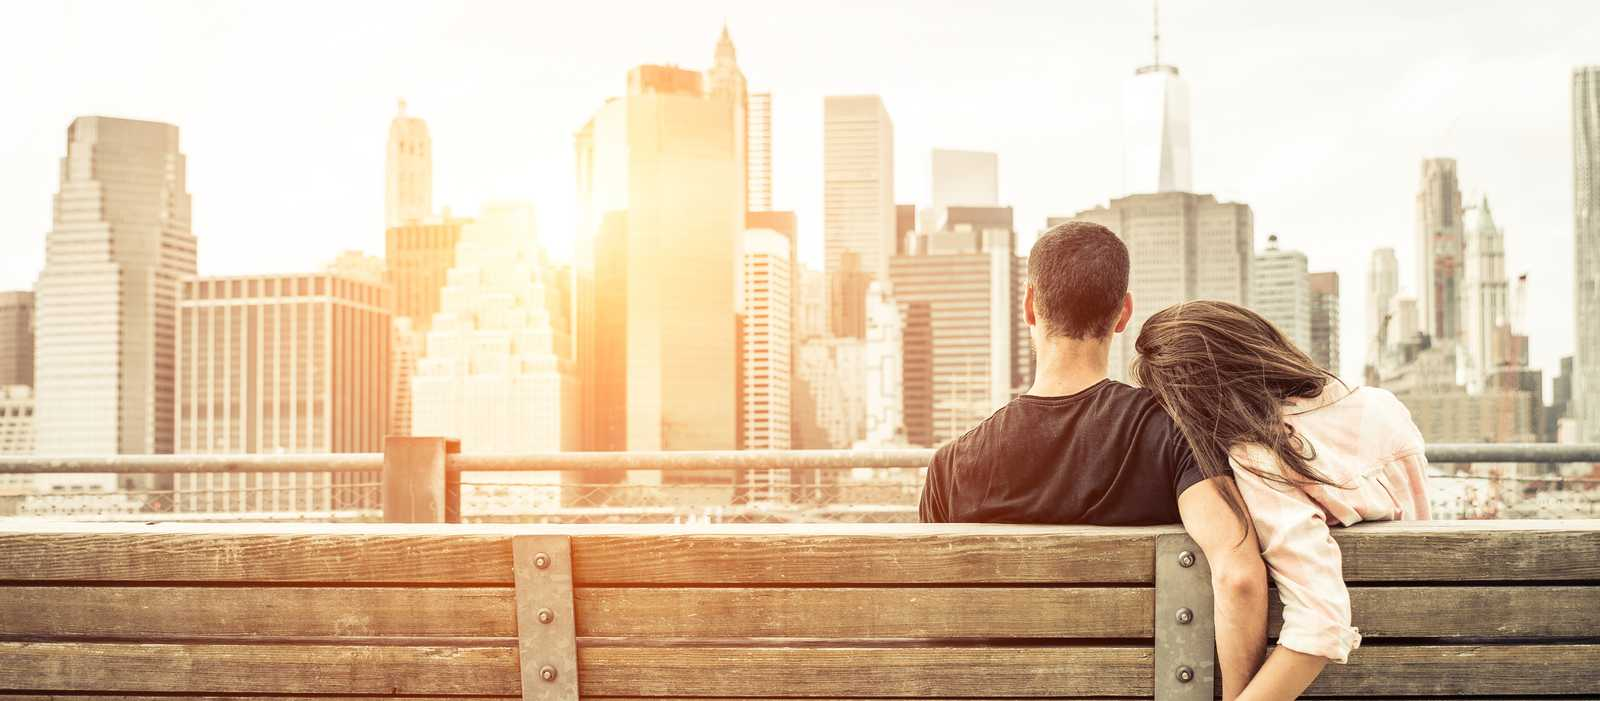 Pärchen auf einer Bank vor der New Yorker Skyline